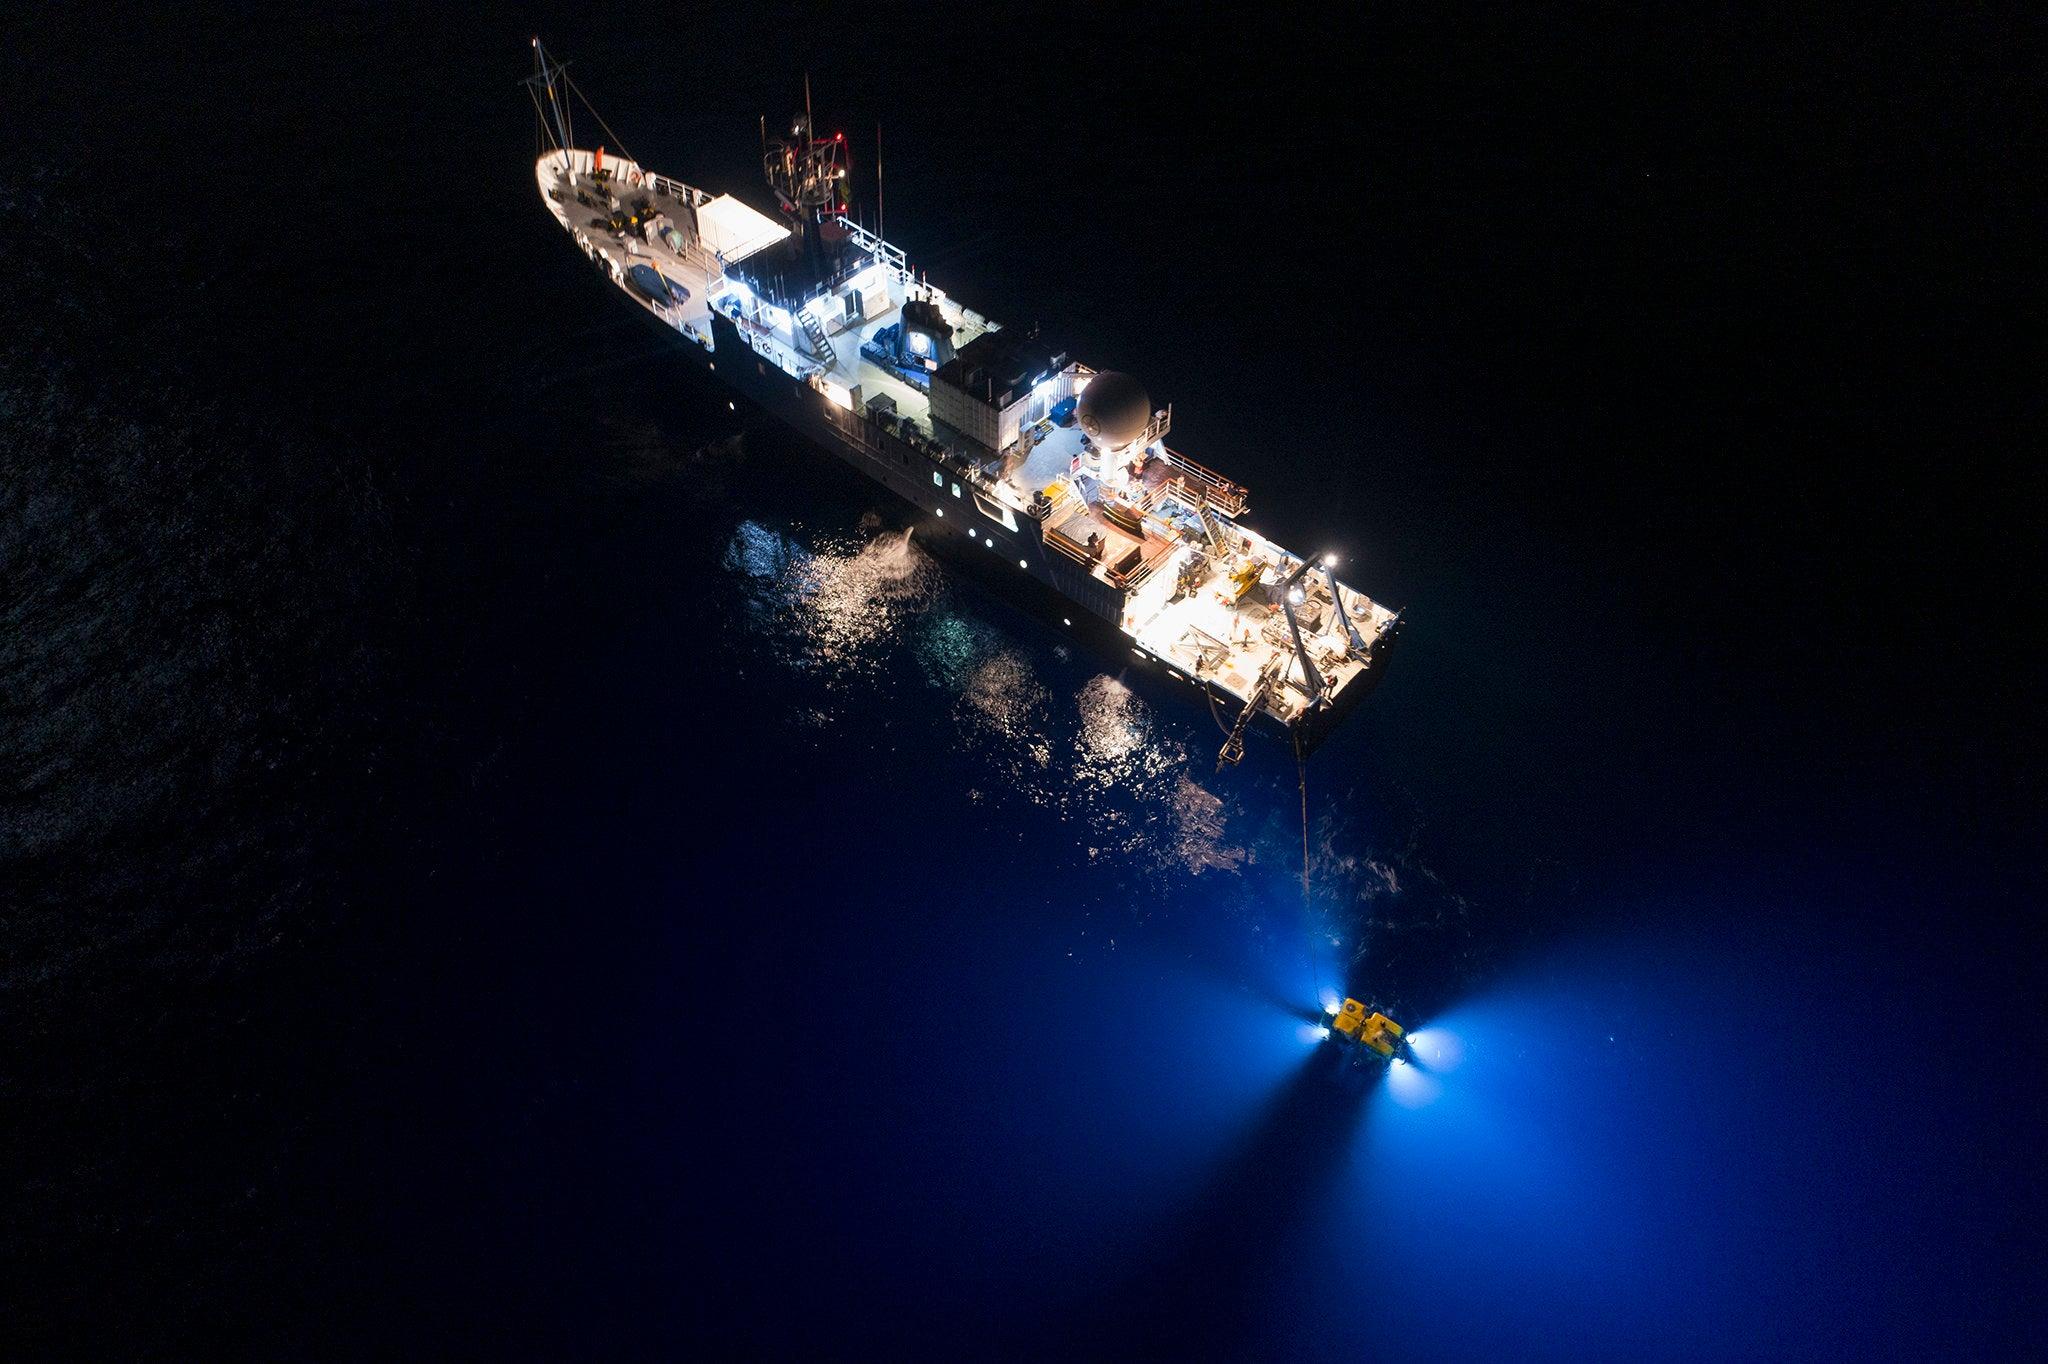 The E/V Nautilus at sea at night